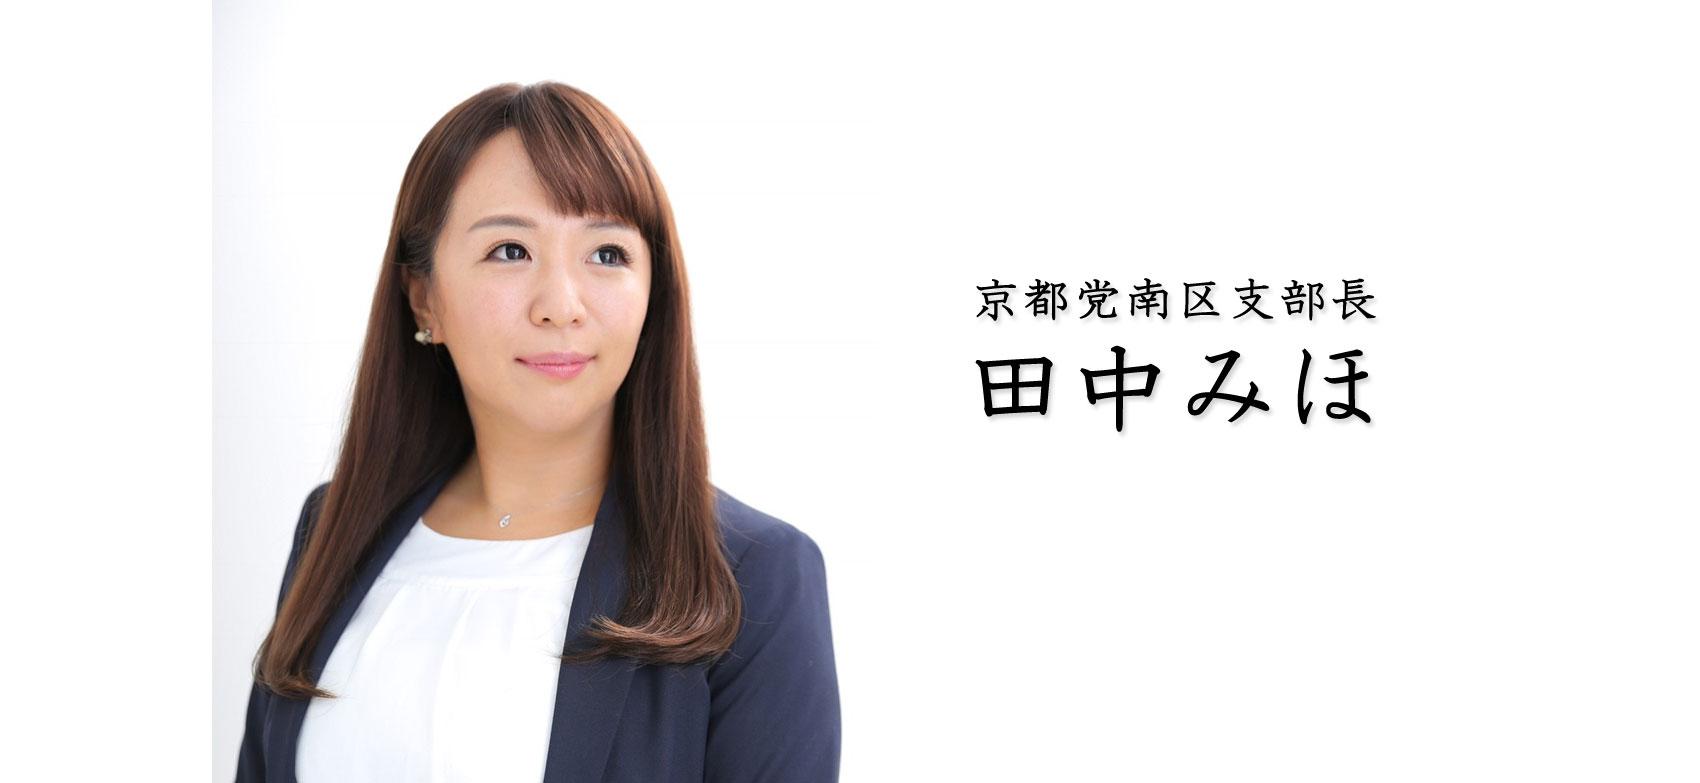 京都党南区支部長【田中みほ】公式サイト